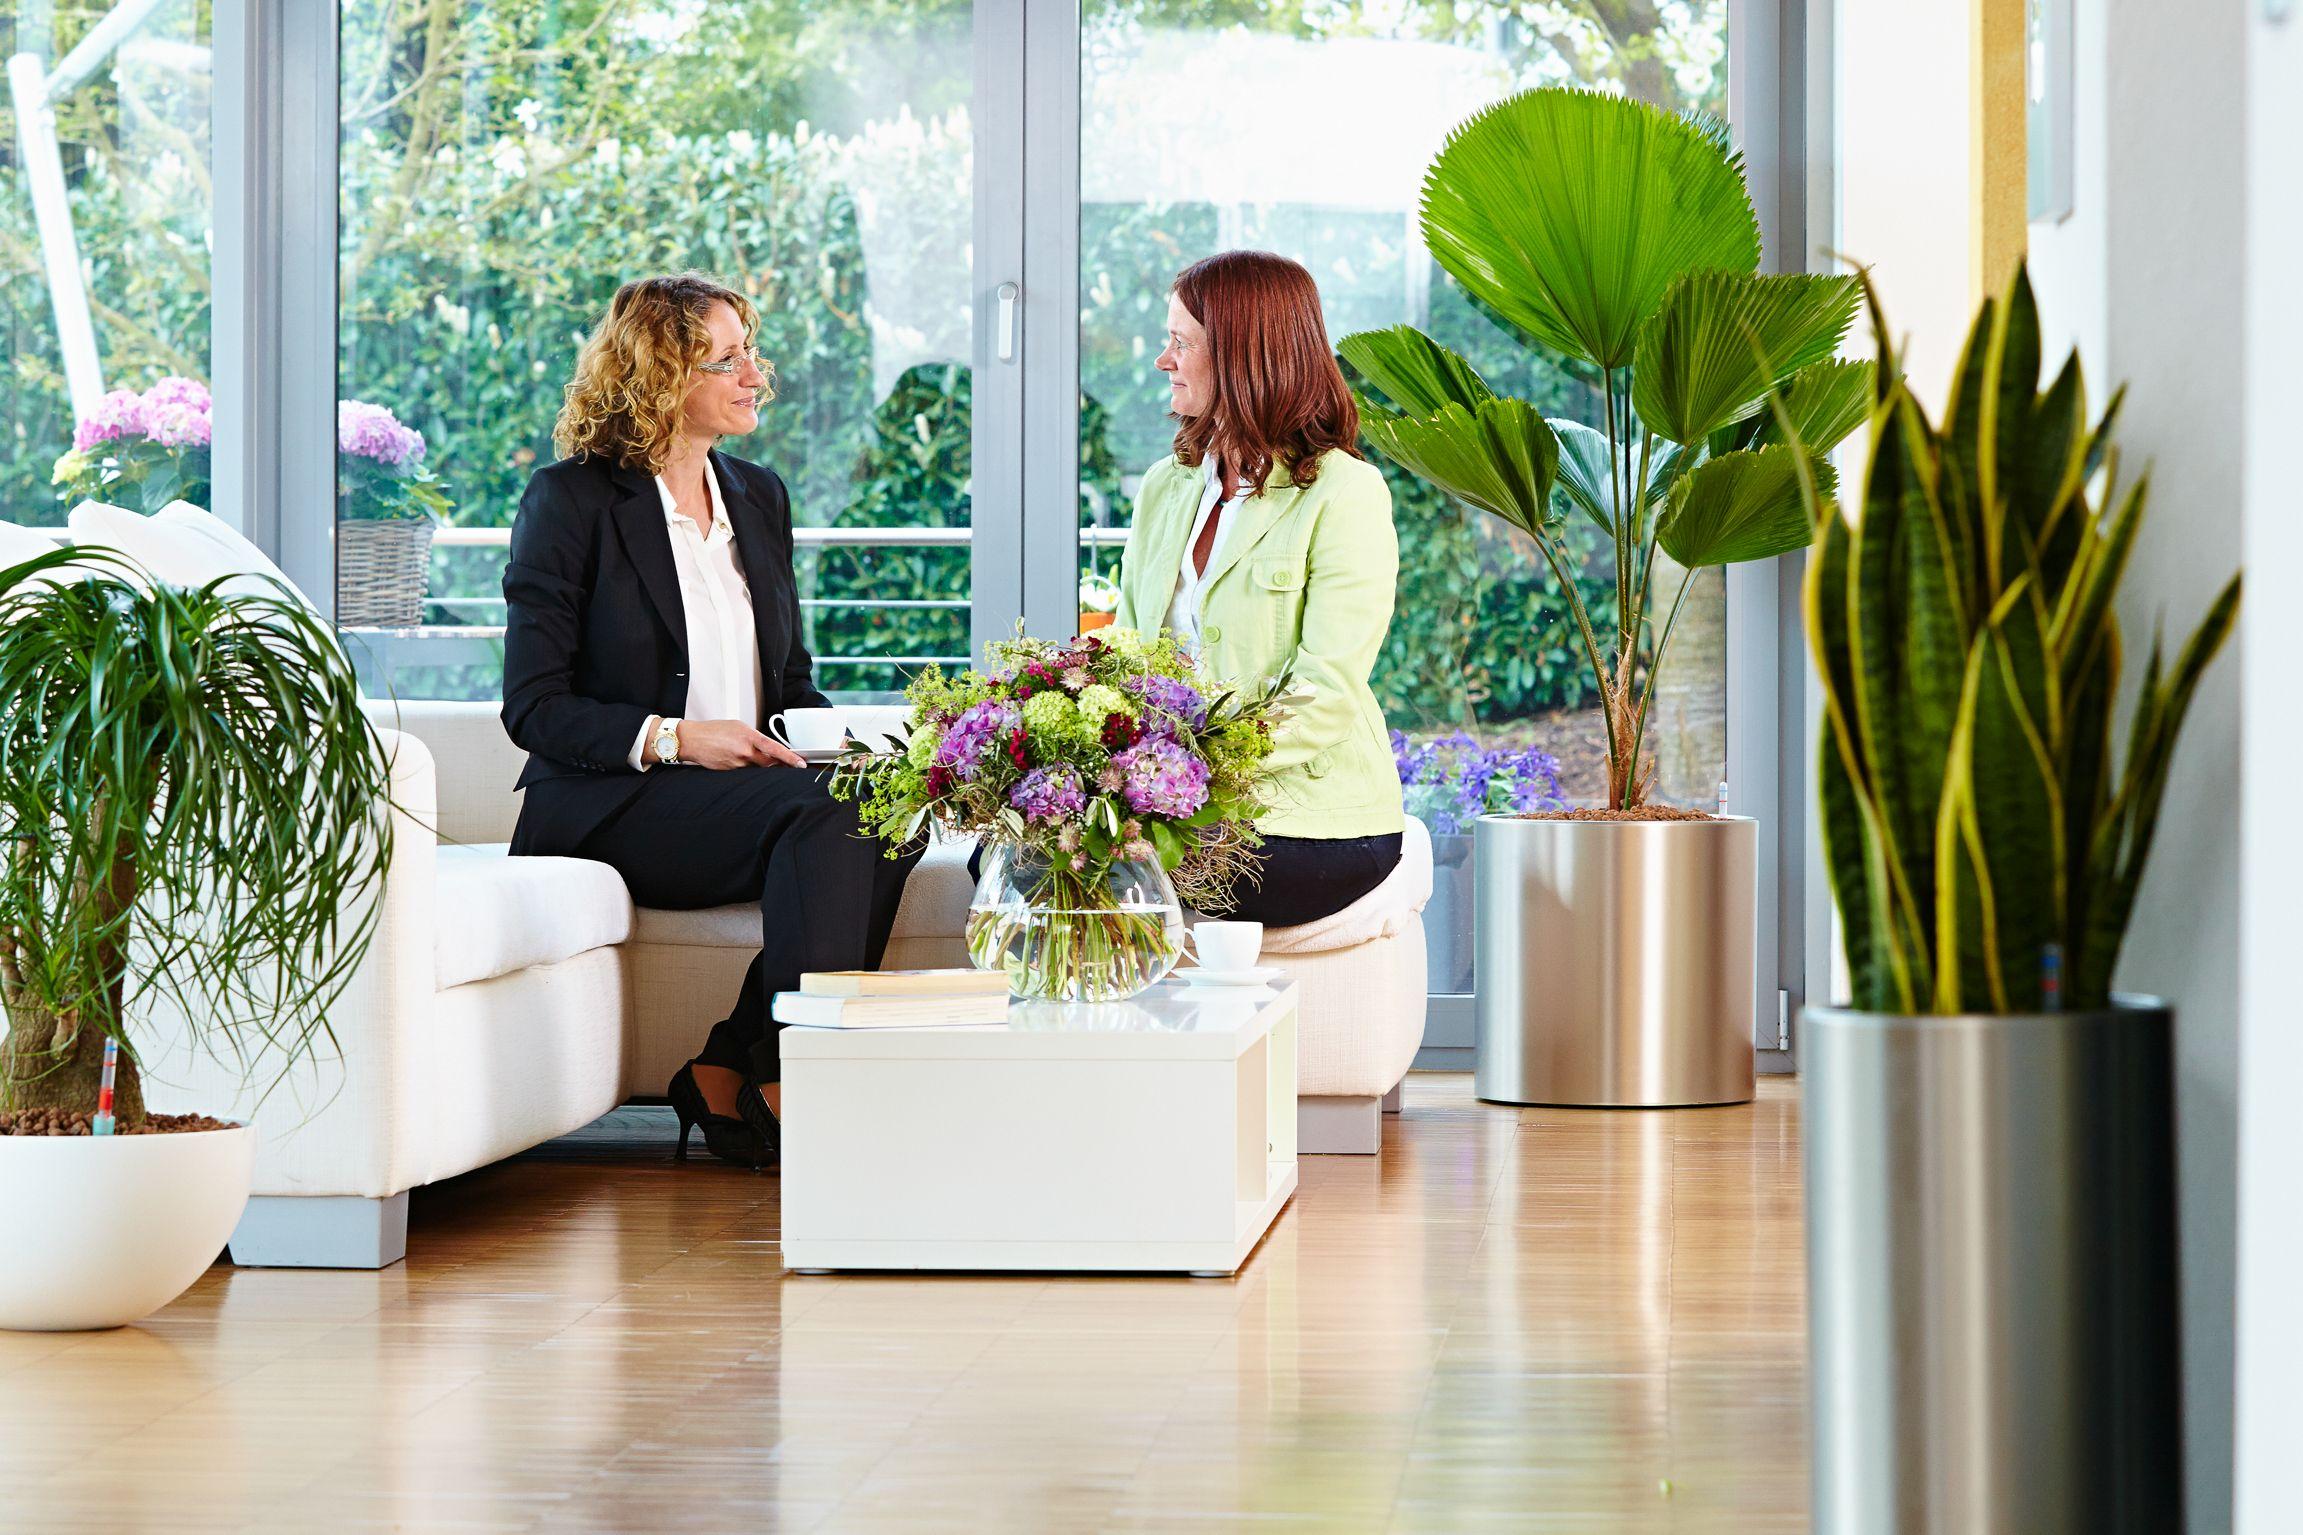 Für mehr Grün: Zimmerpflanzen sorgen für Behaglichkeit